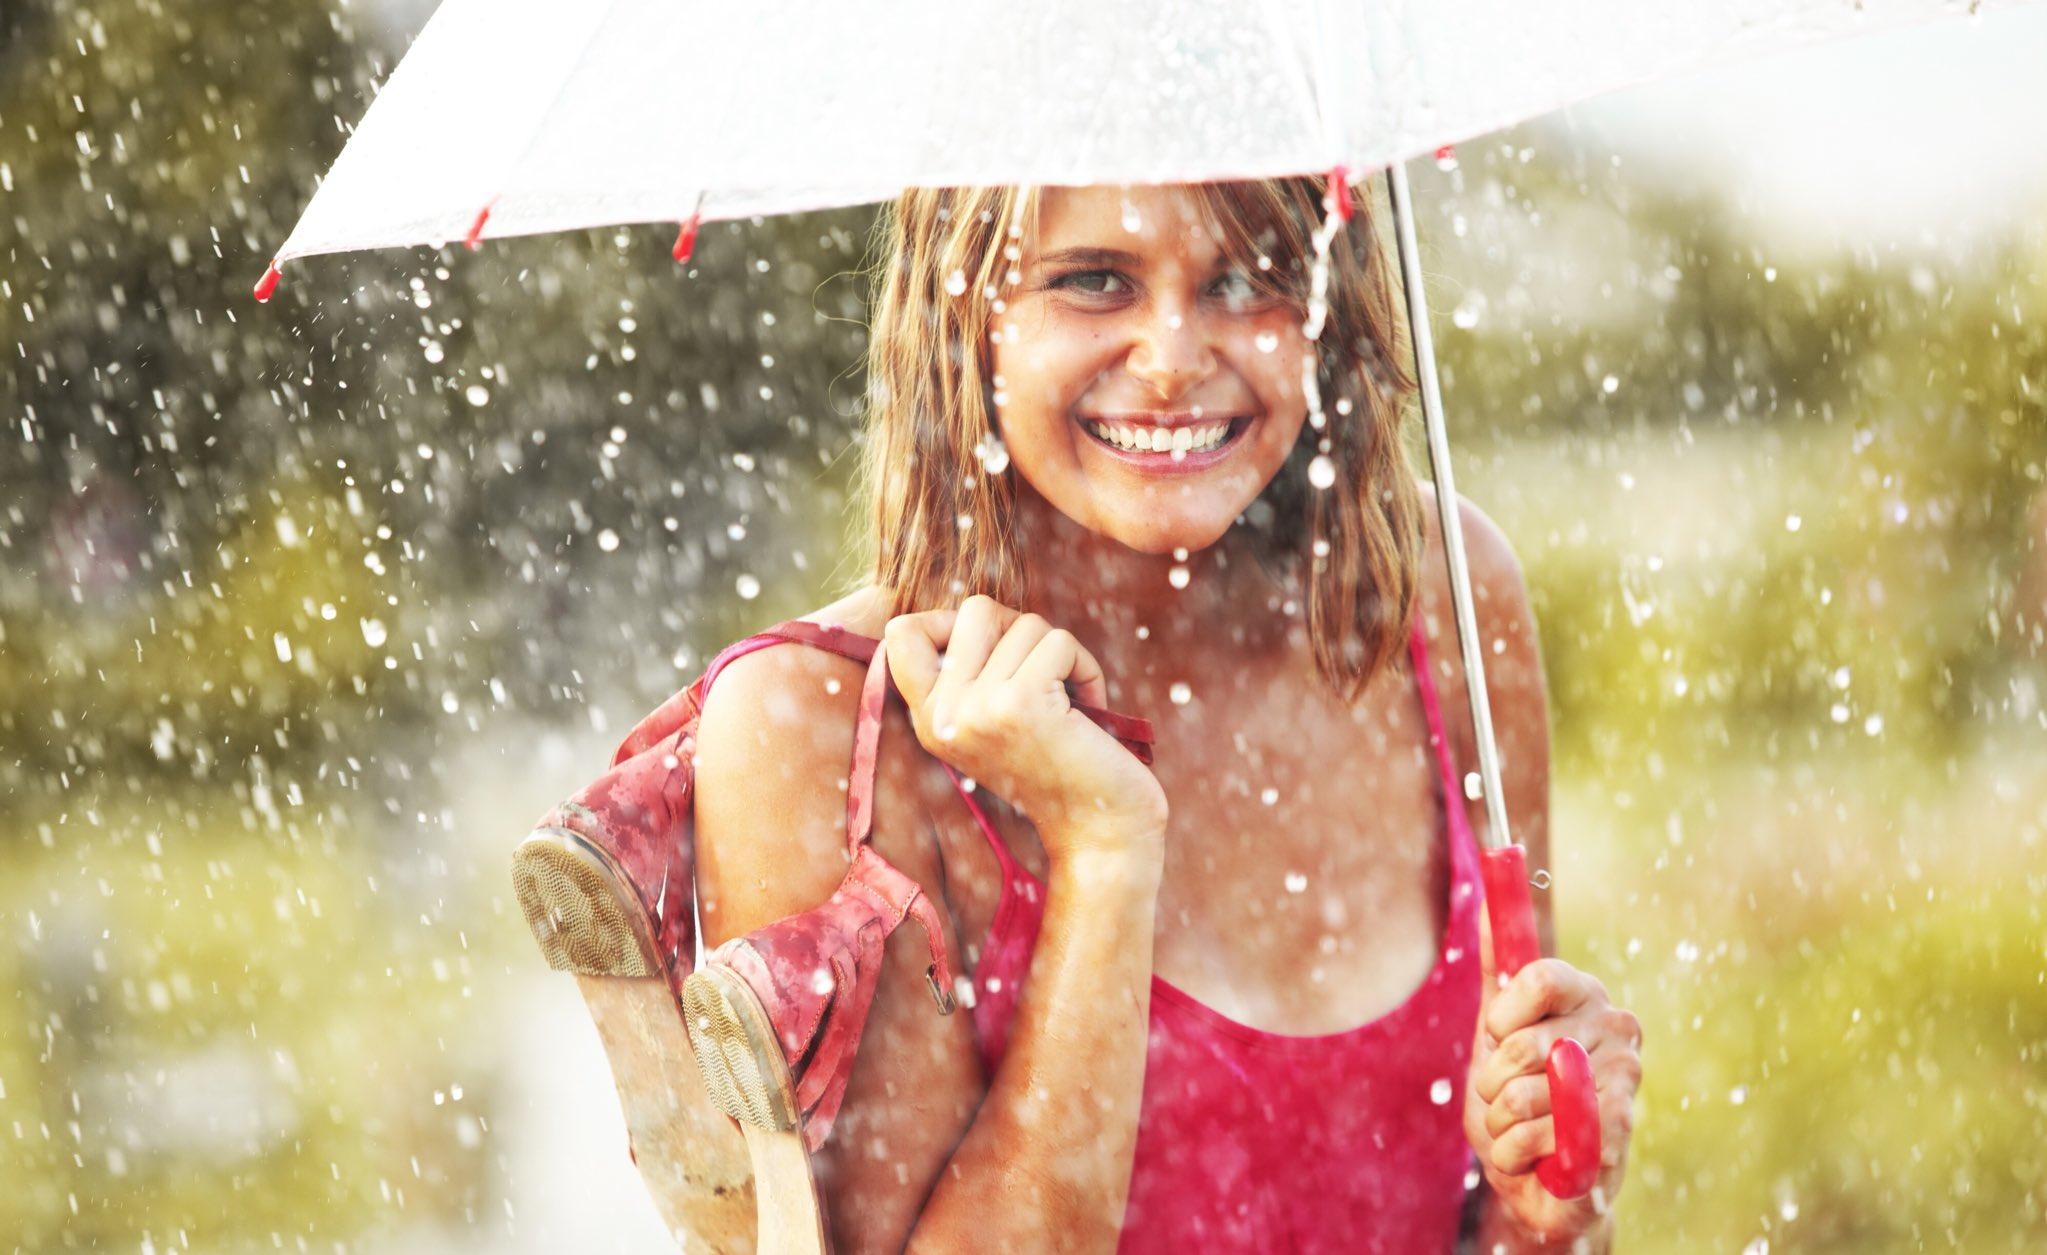 Открытка днем, картинки женщина под дождем